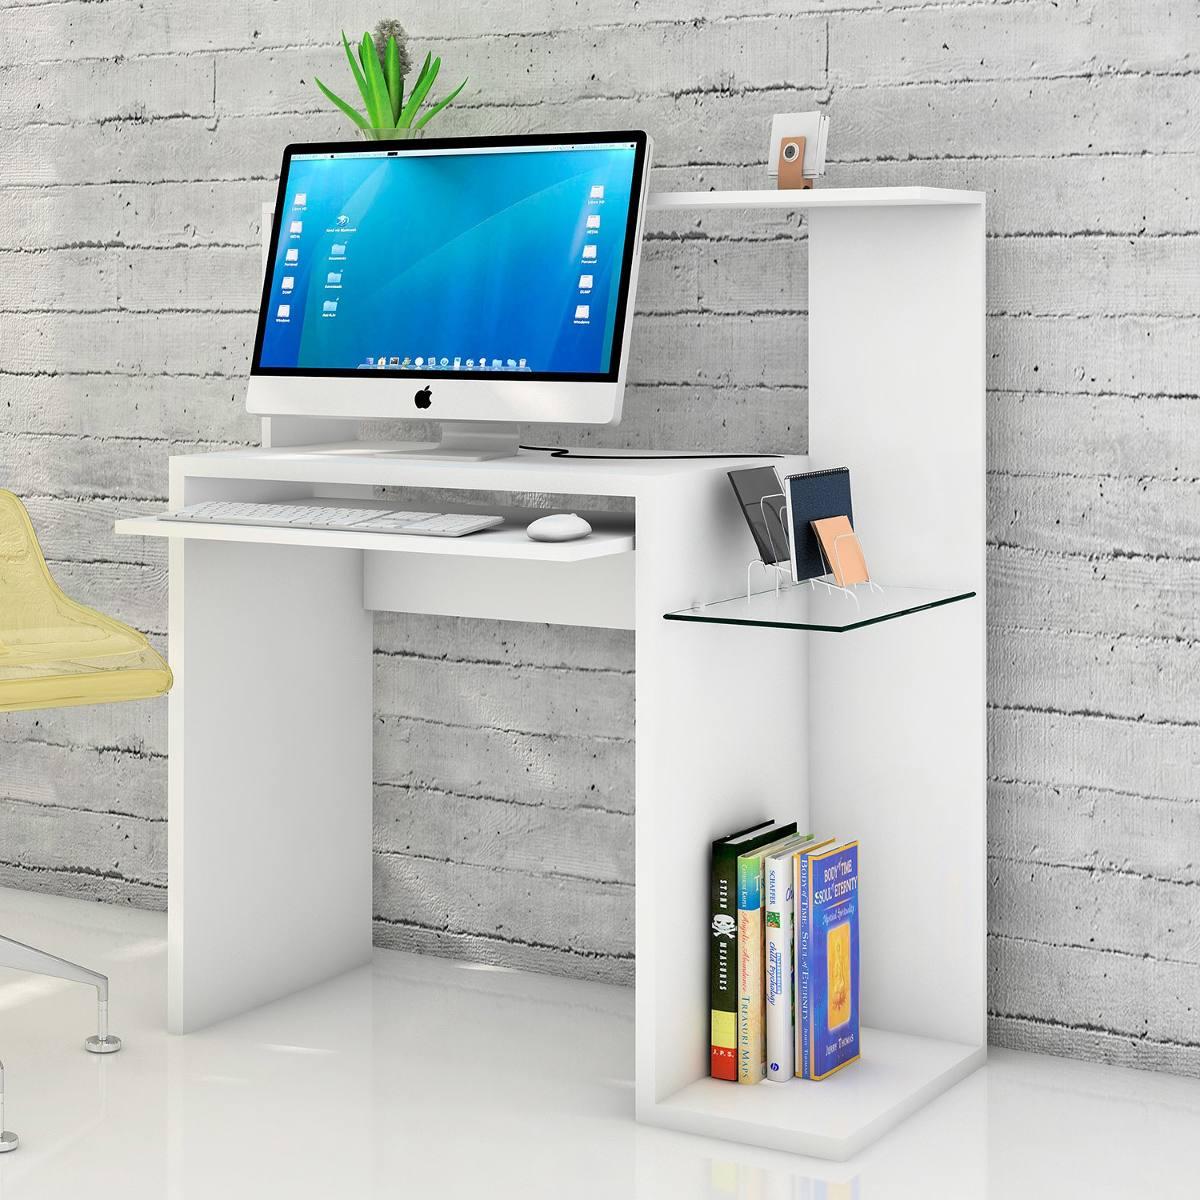 Muebles para notebook e impresora obtenga ideas dise o de muebles para su hogar aqu - Mueble microondas carrefour ...